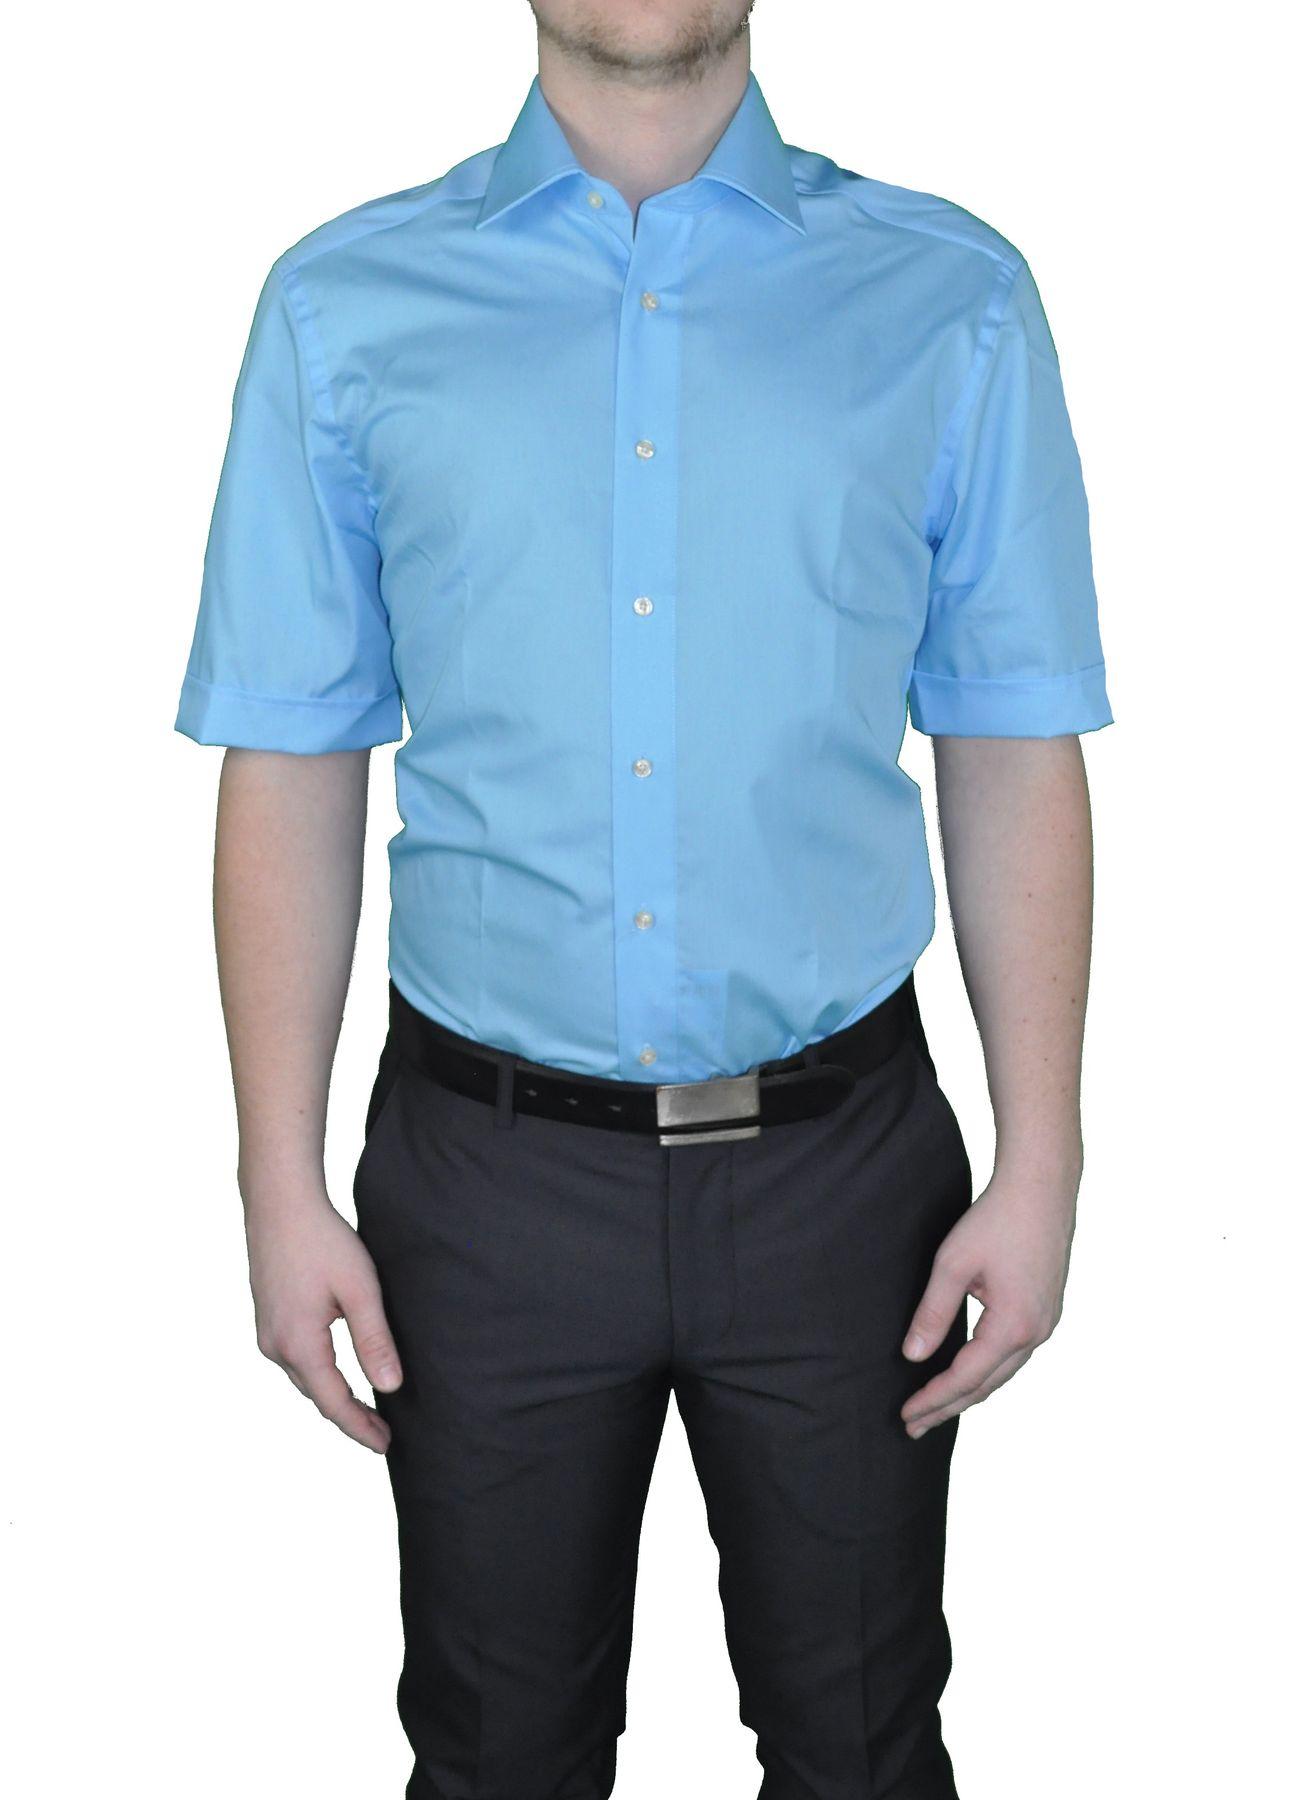 Bügelfreies Herren Kurzarm Hemd in verschiedenen Farben, Stil: BODY CUT, Marke REDMOND(150910 A) – Bild 14